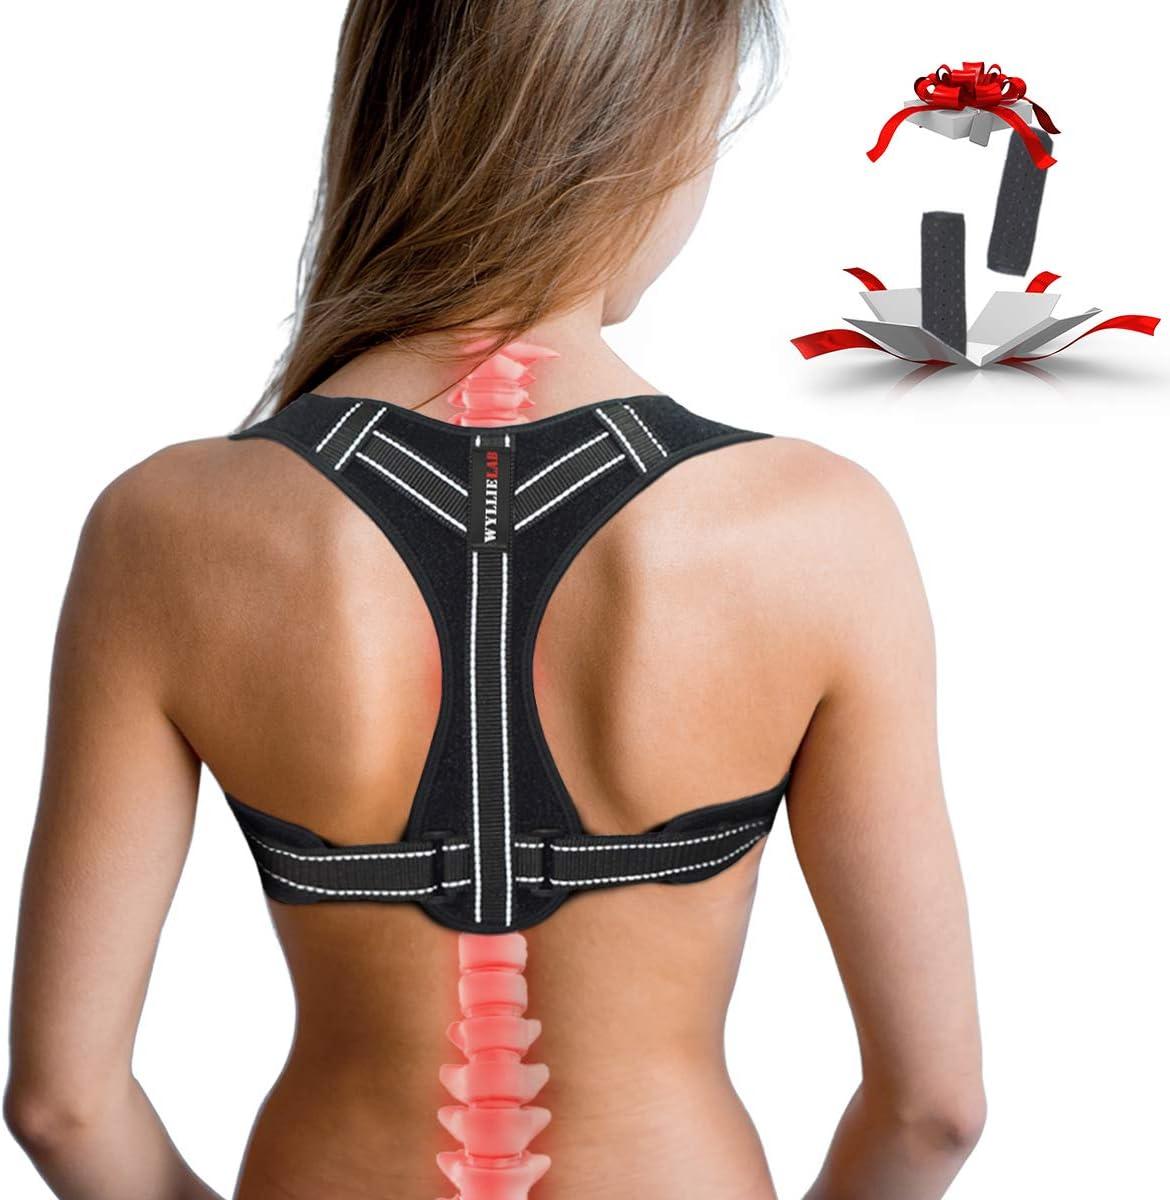 OFFicial Posture Corrector for Bargain Women f Adjustable Back